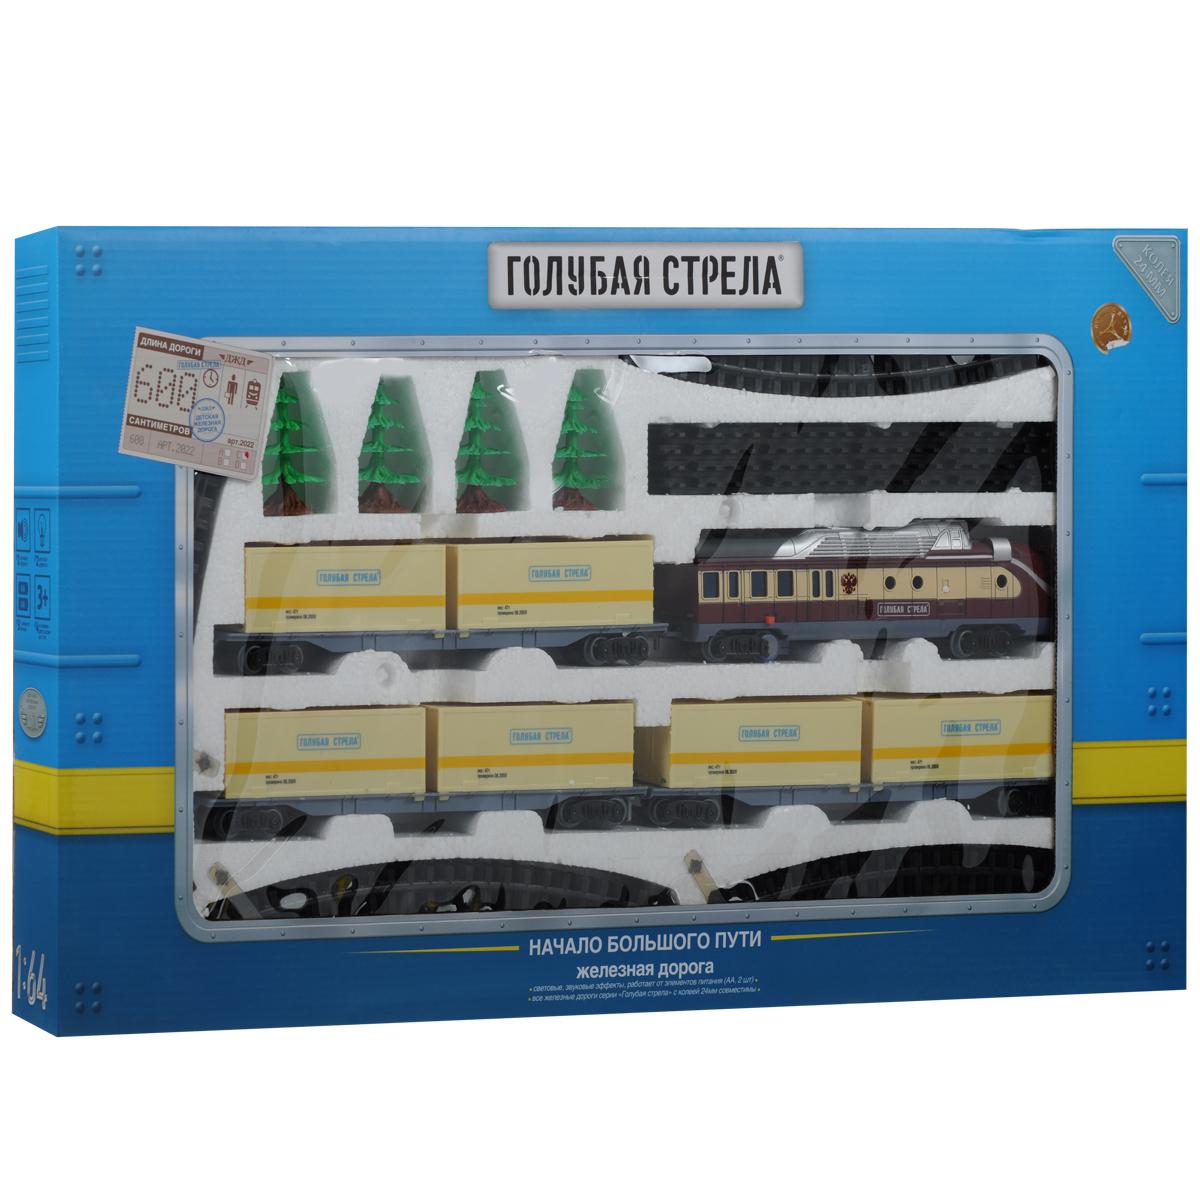 Голубая стрела Железная дорога 39 элементов - Железные дороги